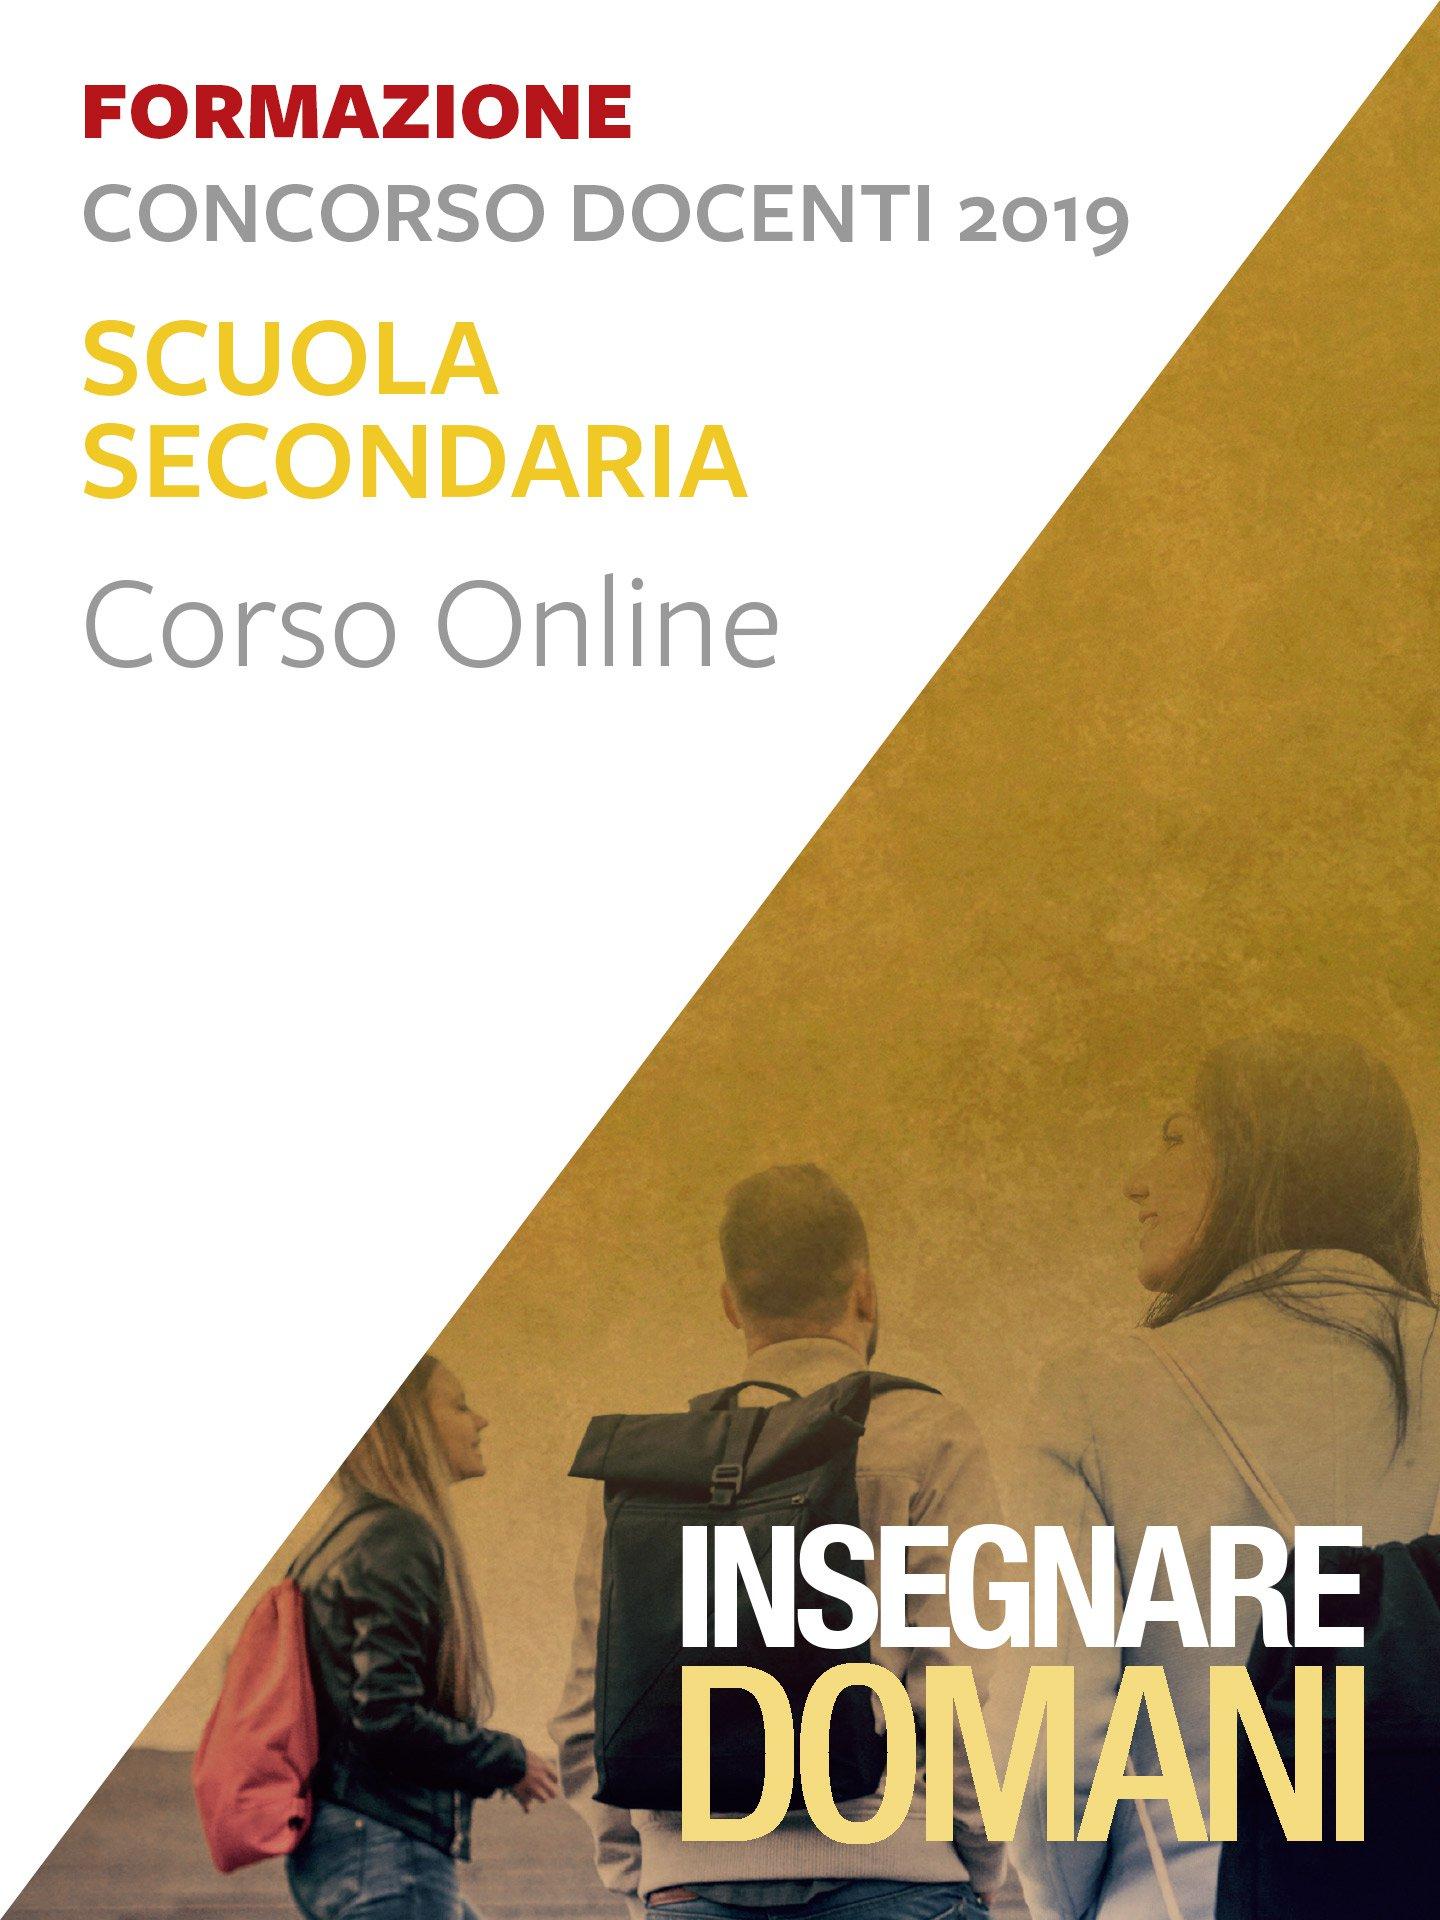 Insegnare domani - Scuola Secondaria - Concorso do Iscrizione Corso online - Erickson Eshop